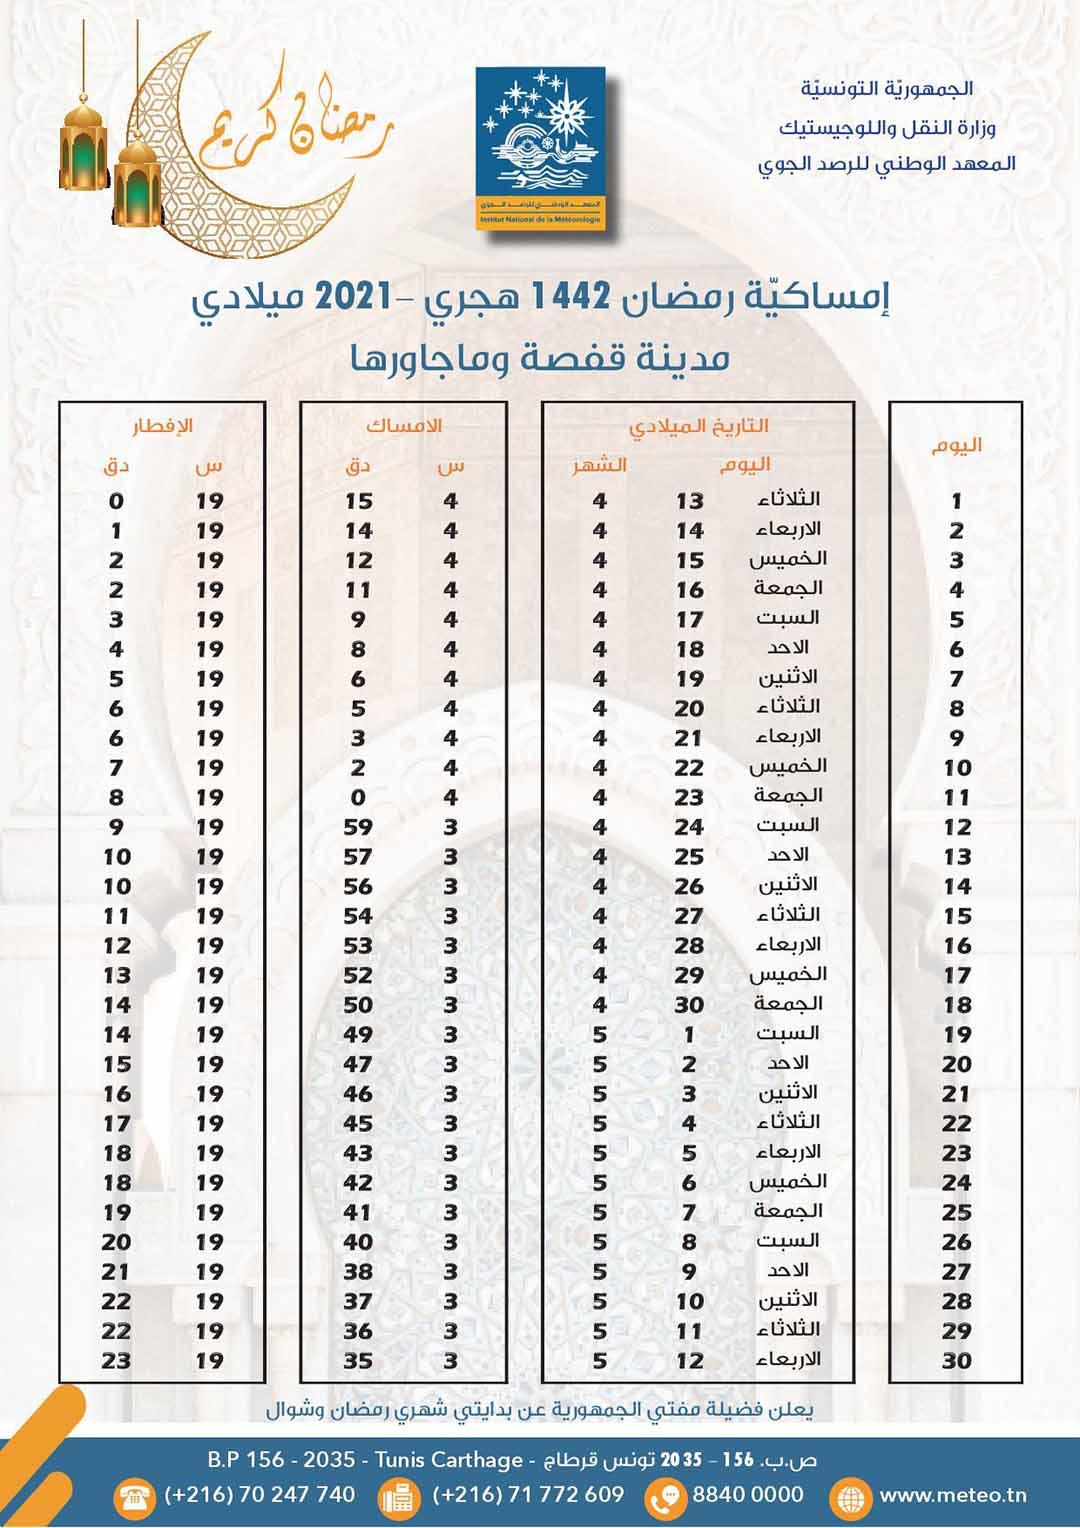 مواعيد الافطار و السحور في ولاية قفصة رمضان 2021 1 - هام: مواعيد الافطار والامساك لشهر رمضان حسب الولايات..